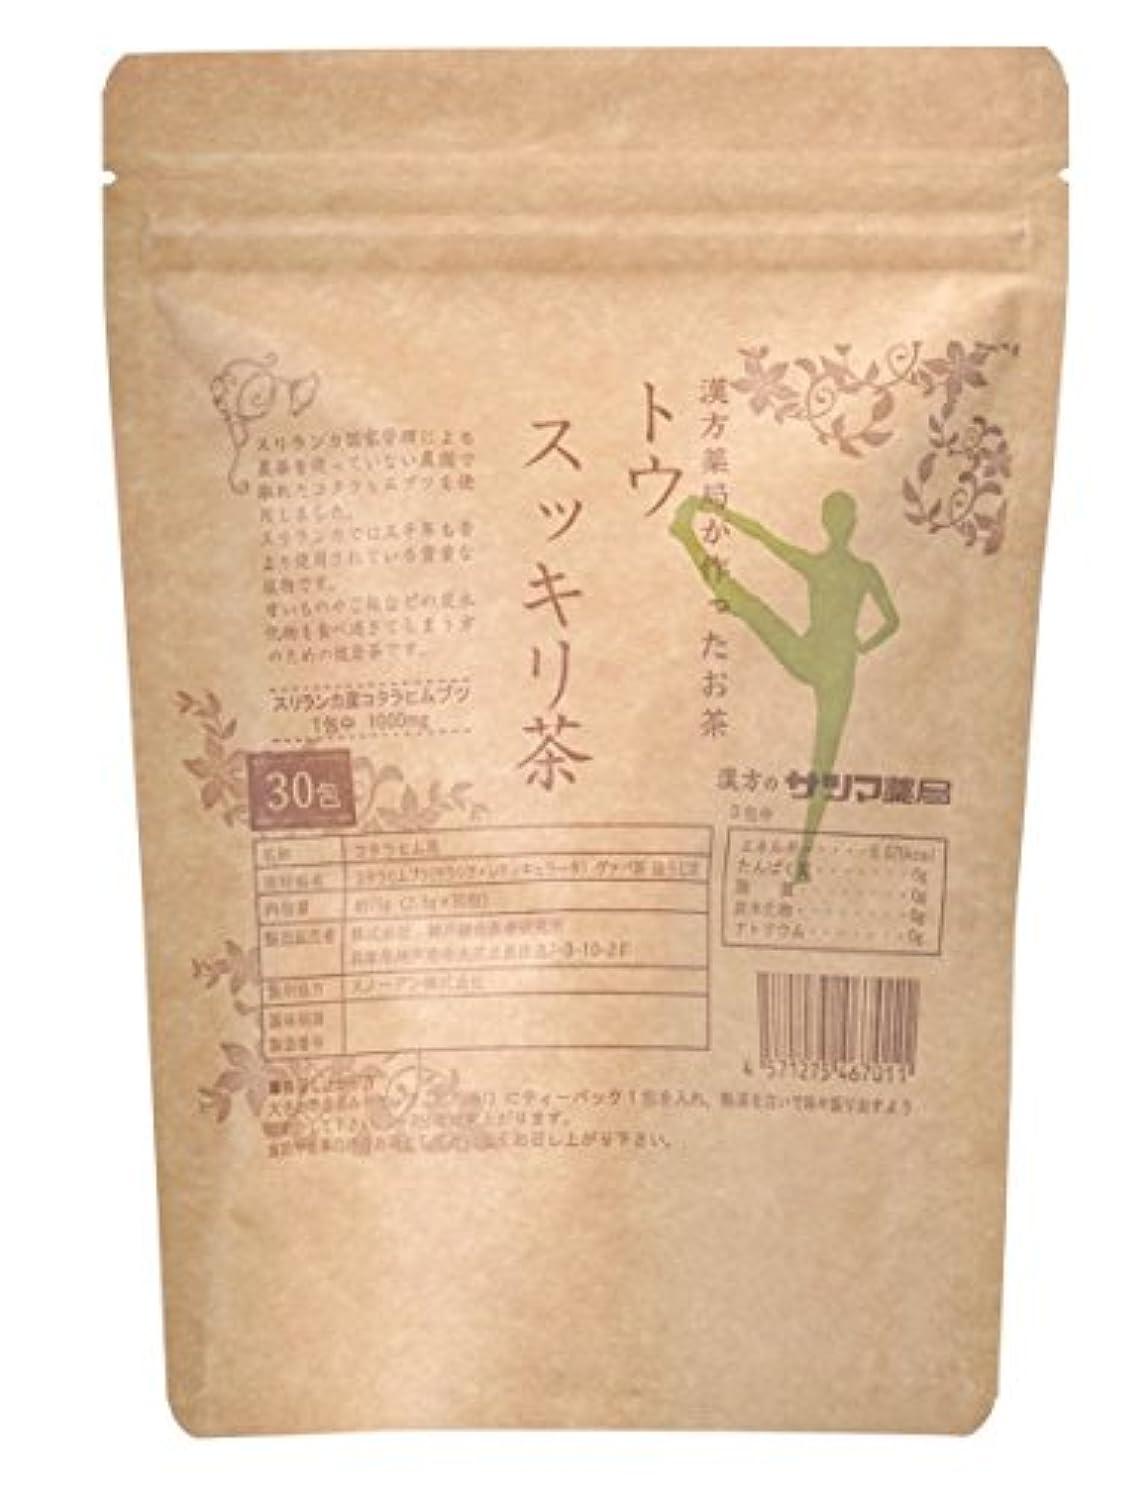 モロニック無限形成サツマ薬局 ダイエットティー トウスッキリ茶 30包 ティーパック 高濃度コタラヒム茶 ほうじ茶